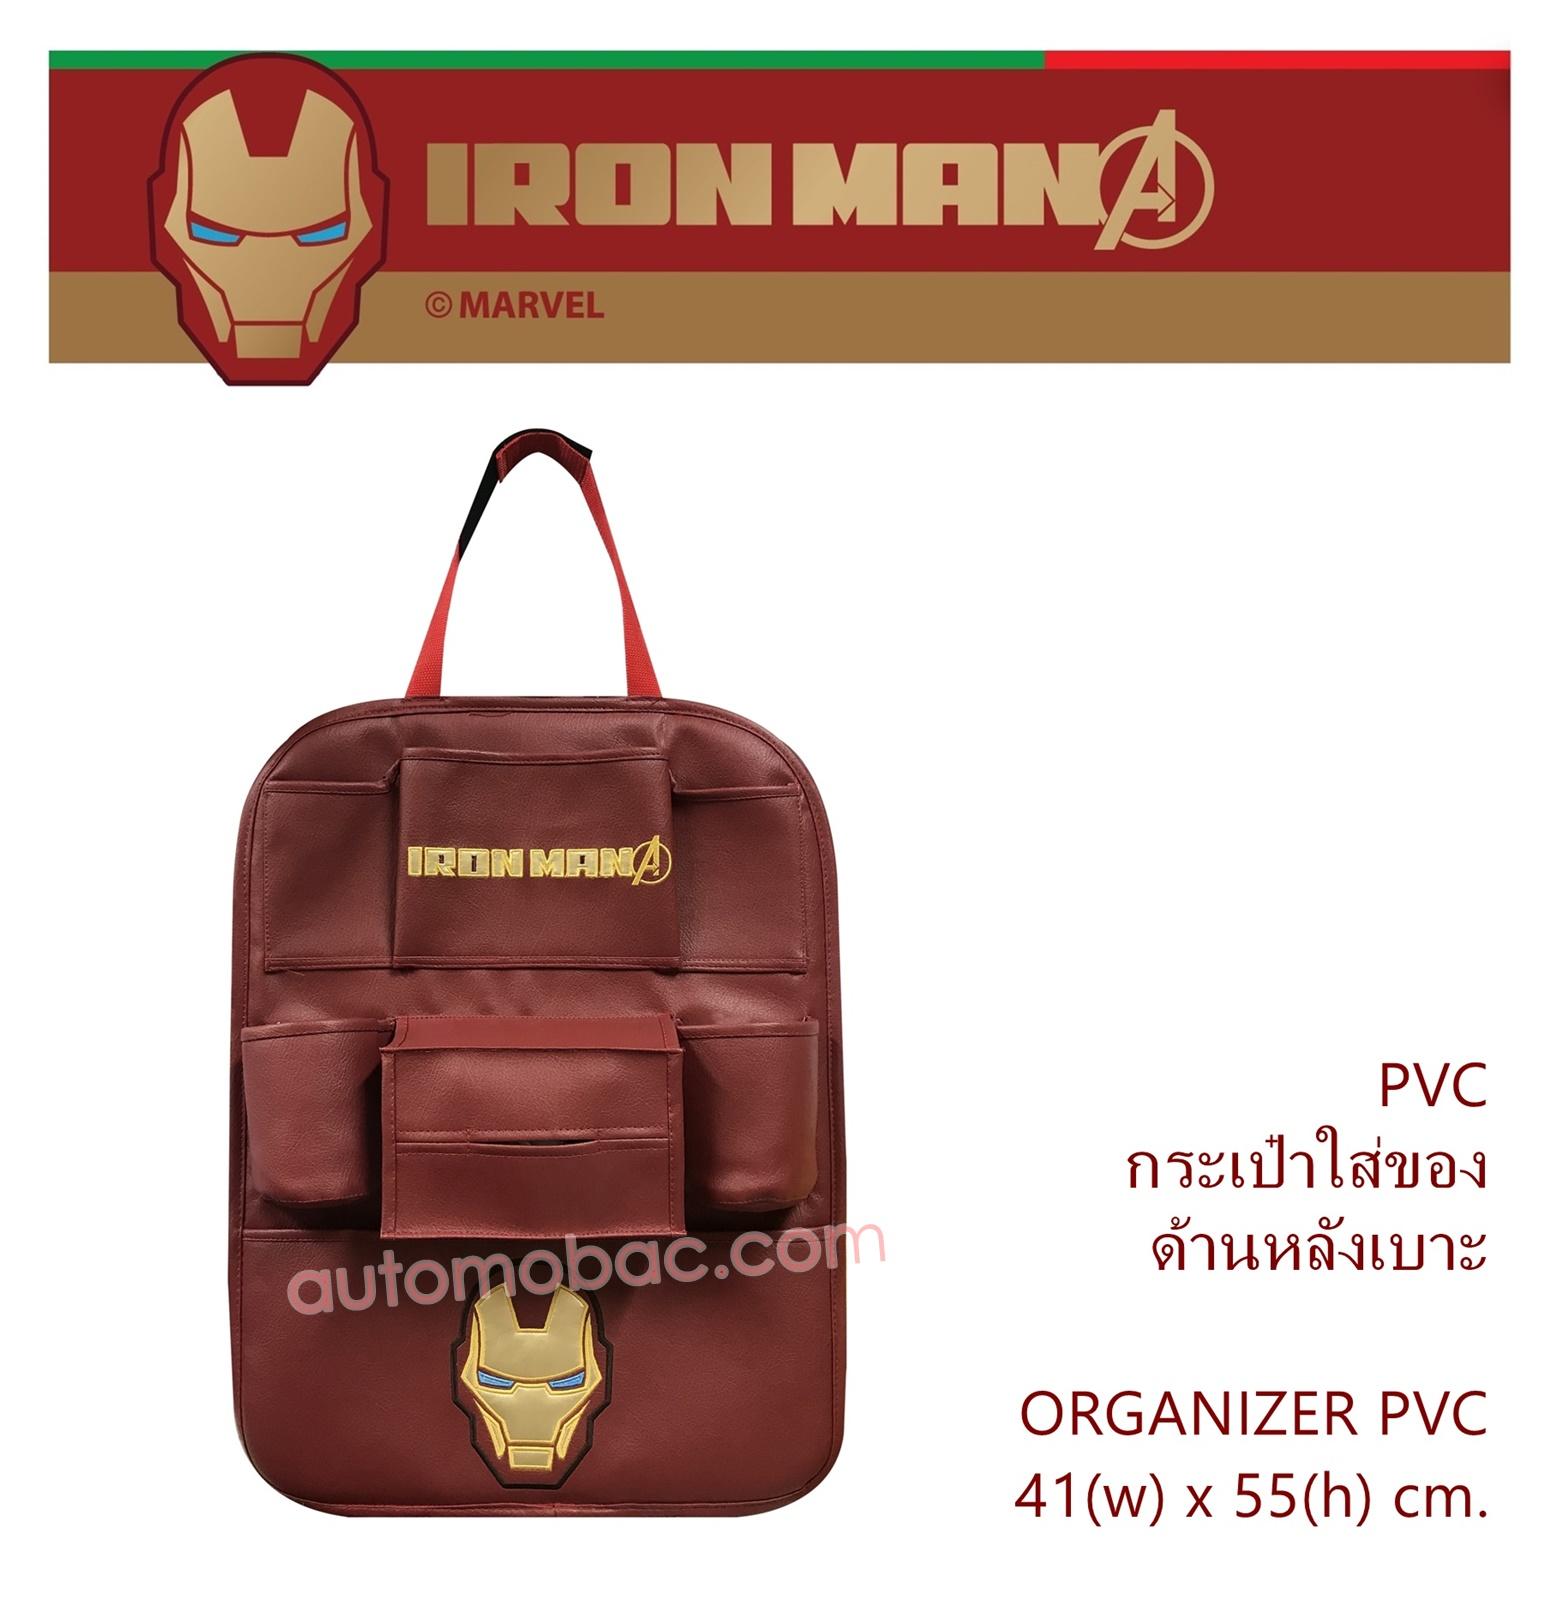 IRON-MAN กระเป๋าอเนกประสงค์หลังเบาะ PCV ที่ใส่ทิชชู หยิบสะดวก และที่ใส่แก้วน้ำ ช่วยจัดระเบียบภายในรถ